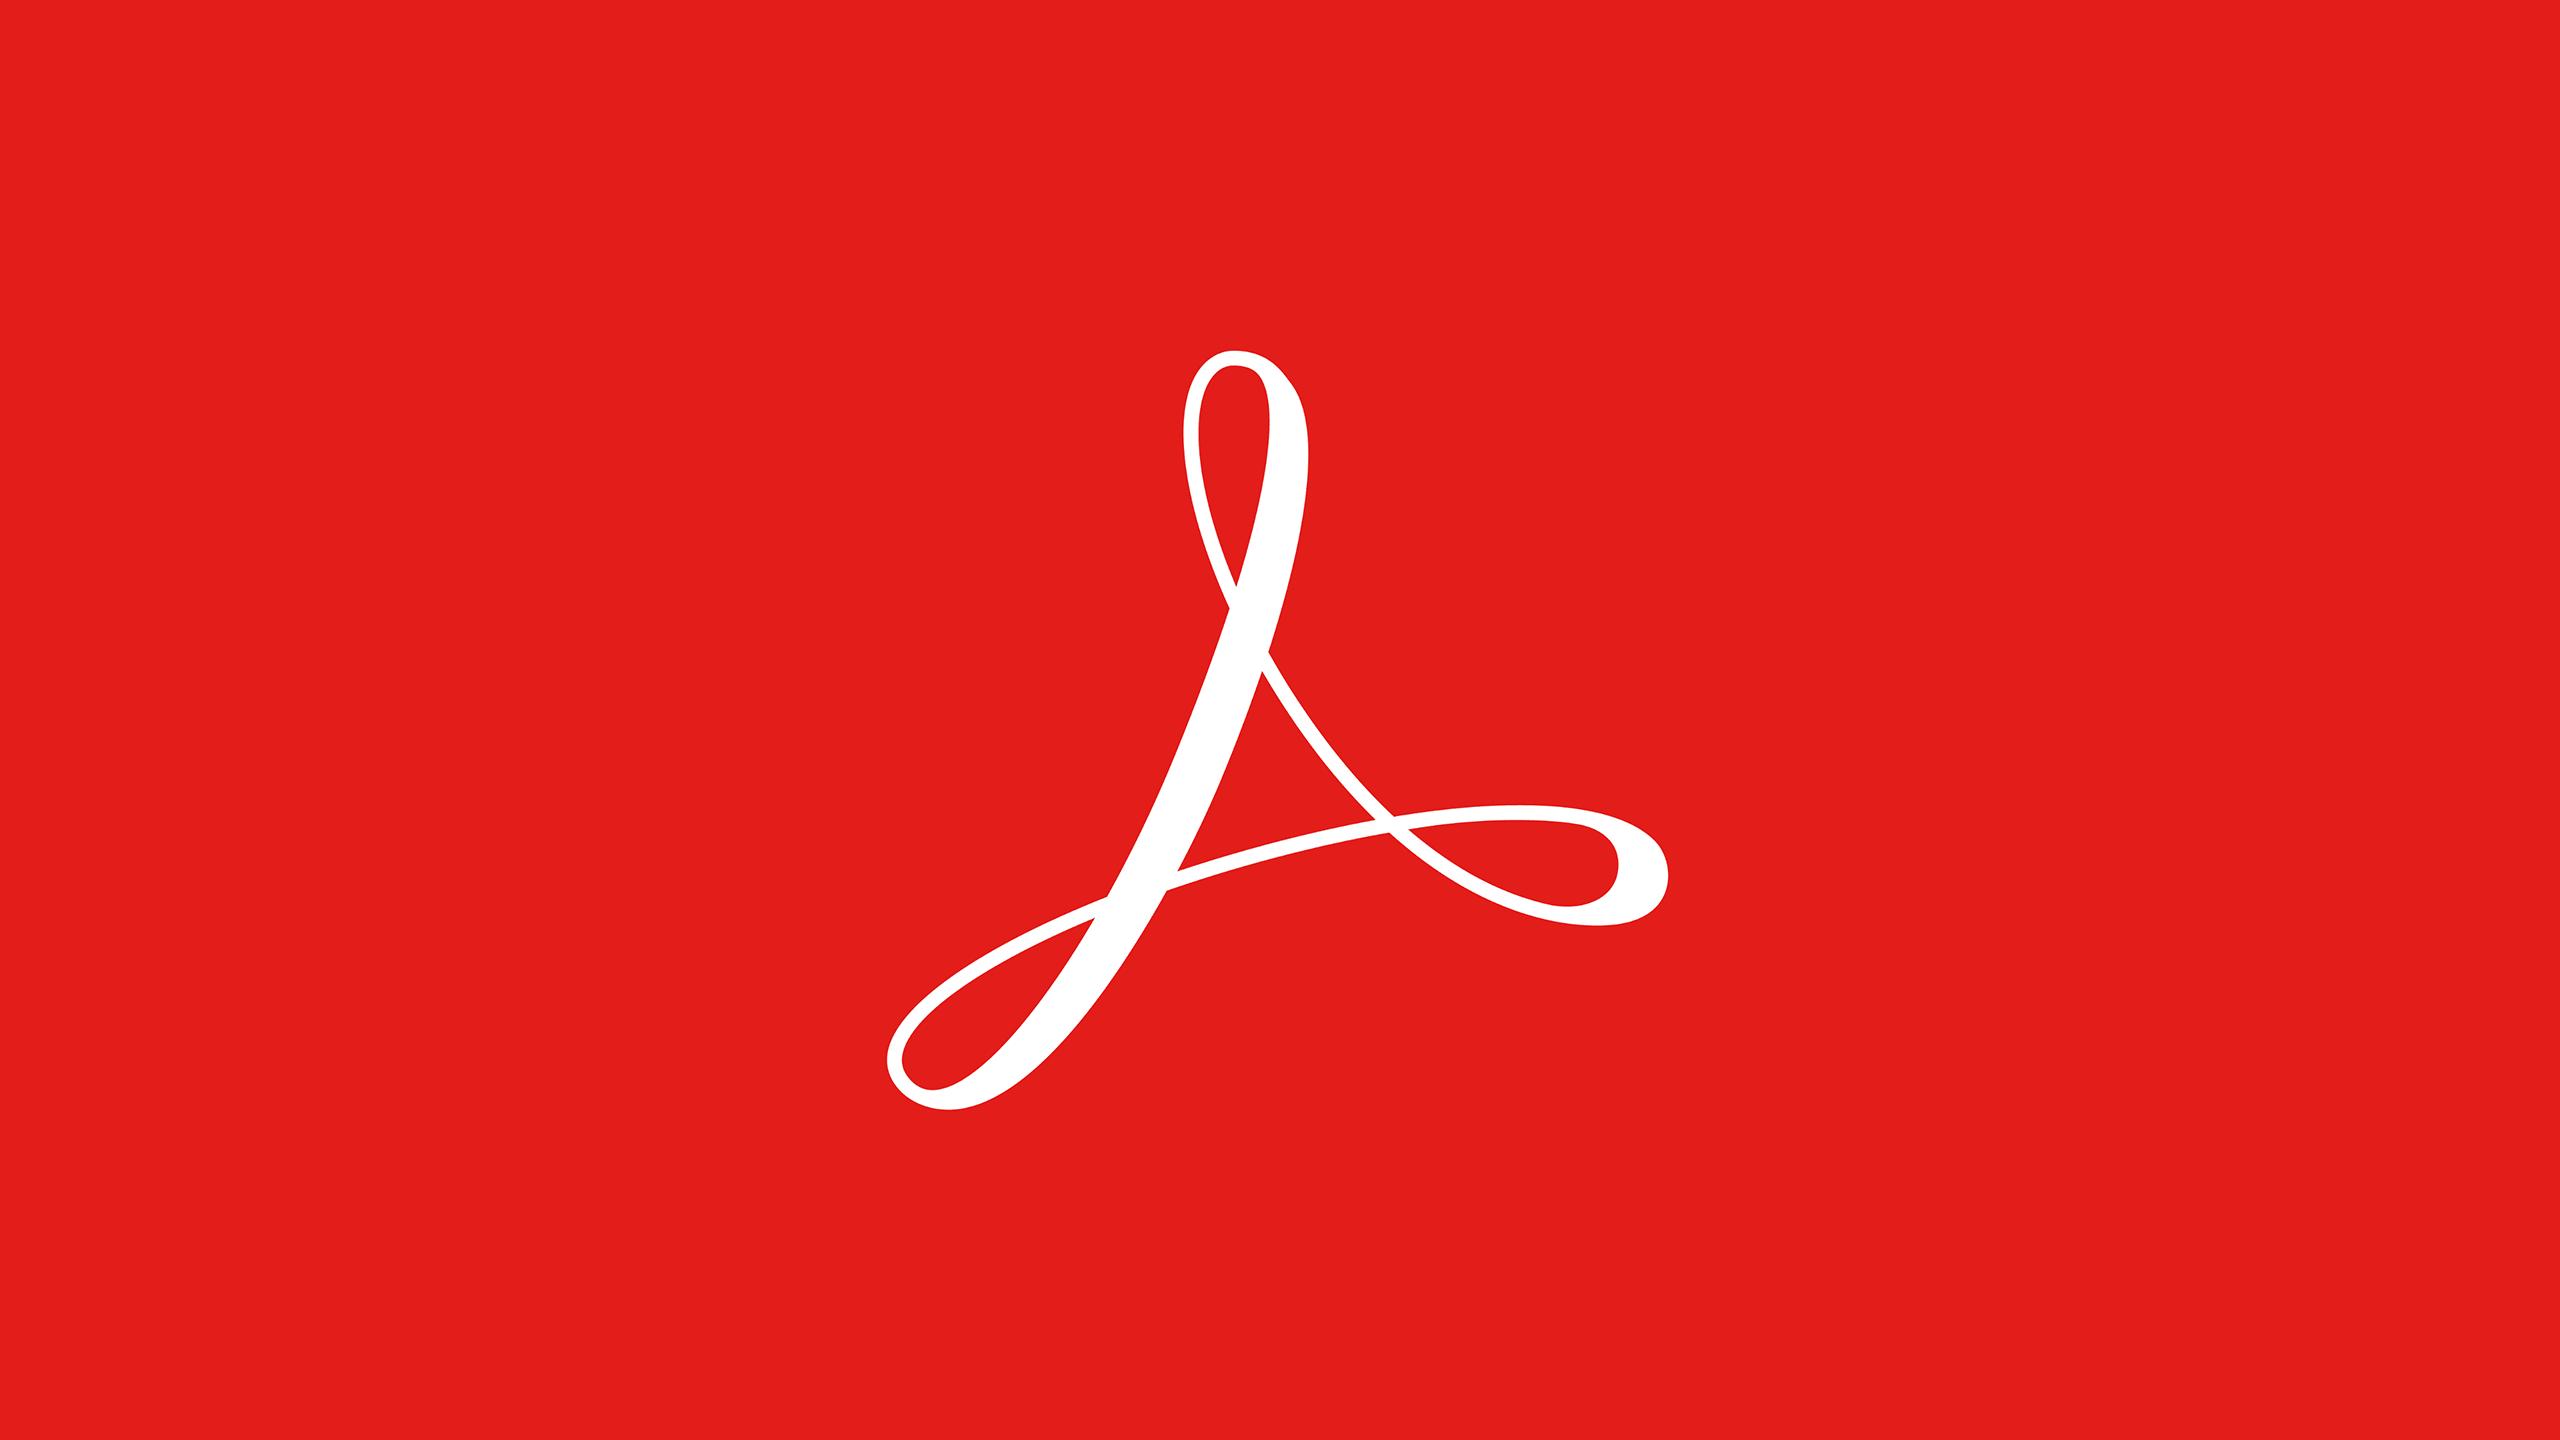 Adobe Acrobat Red Logo